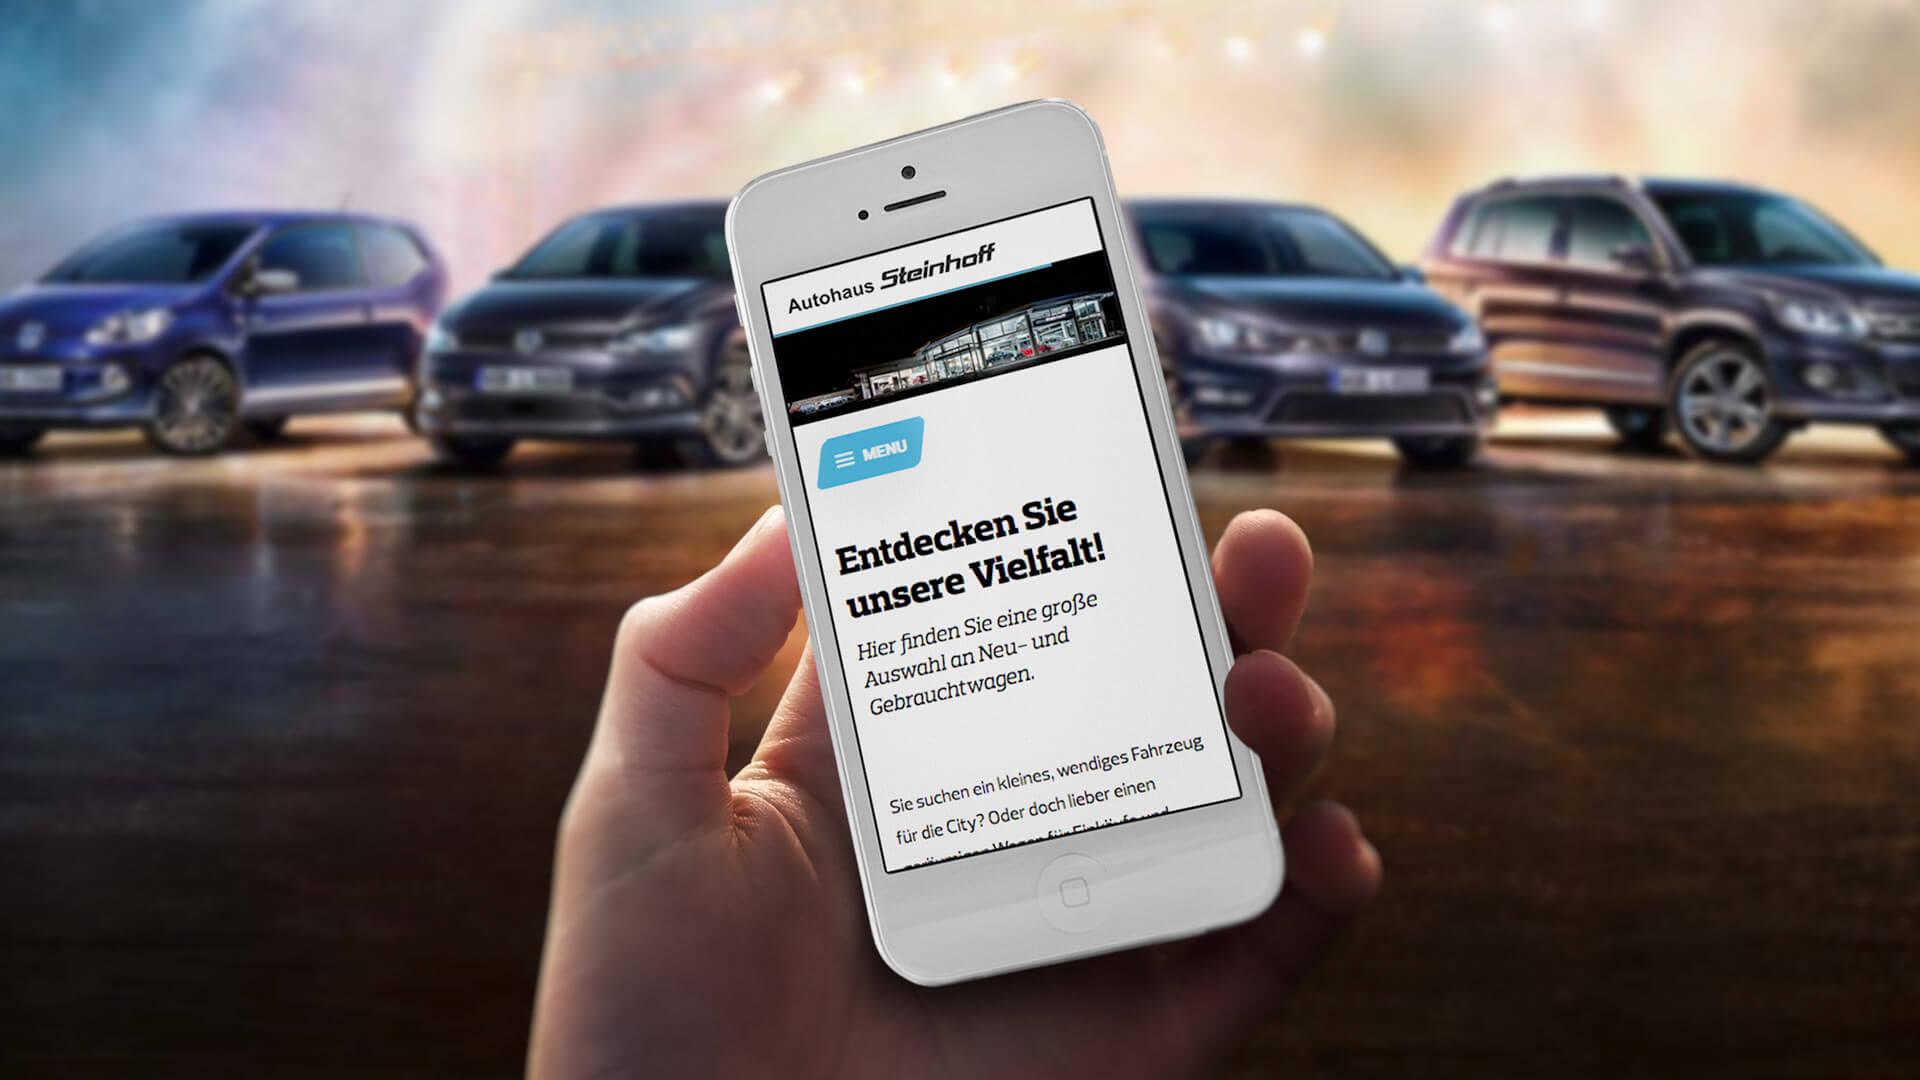 Referenz: Autohaus Steinhoff Website